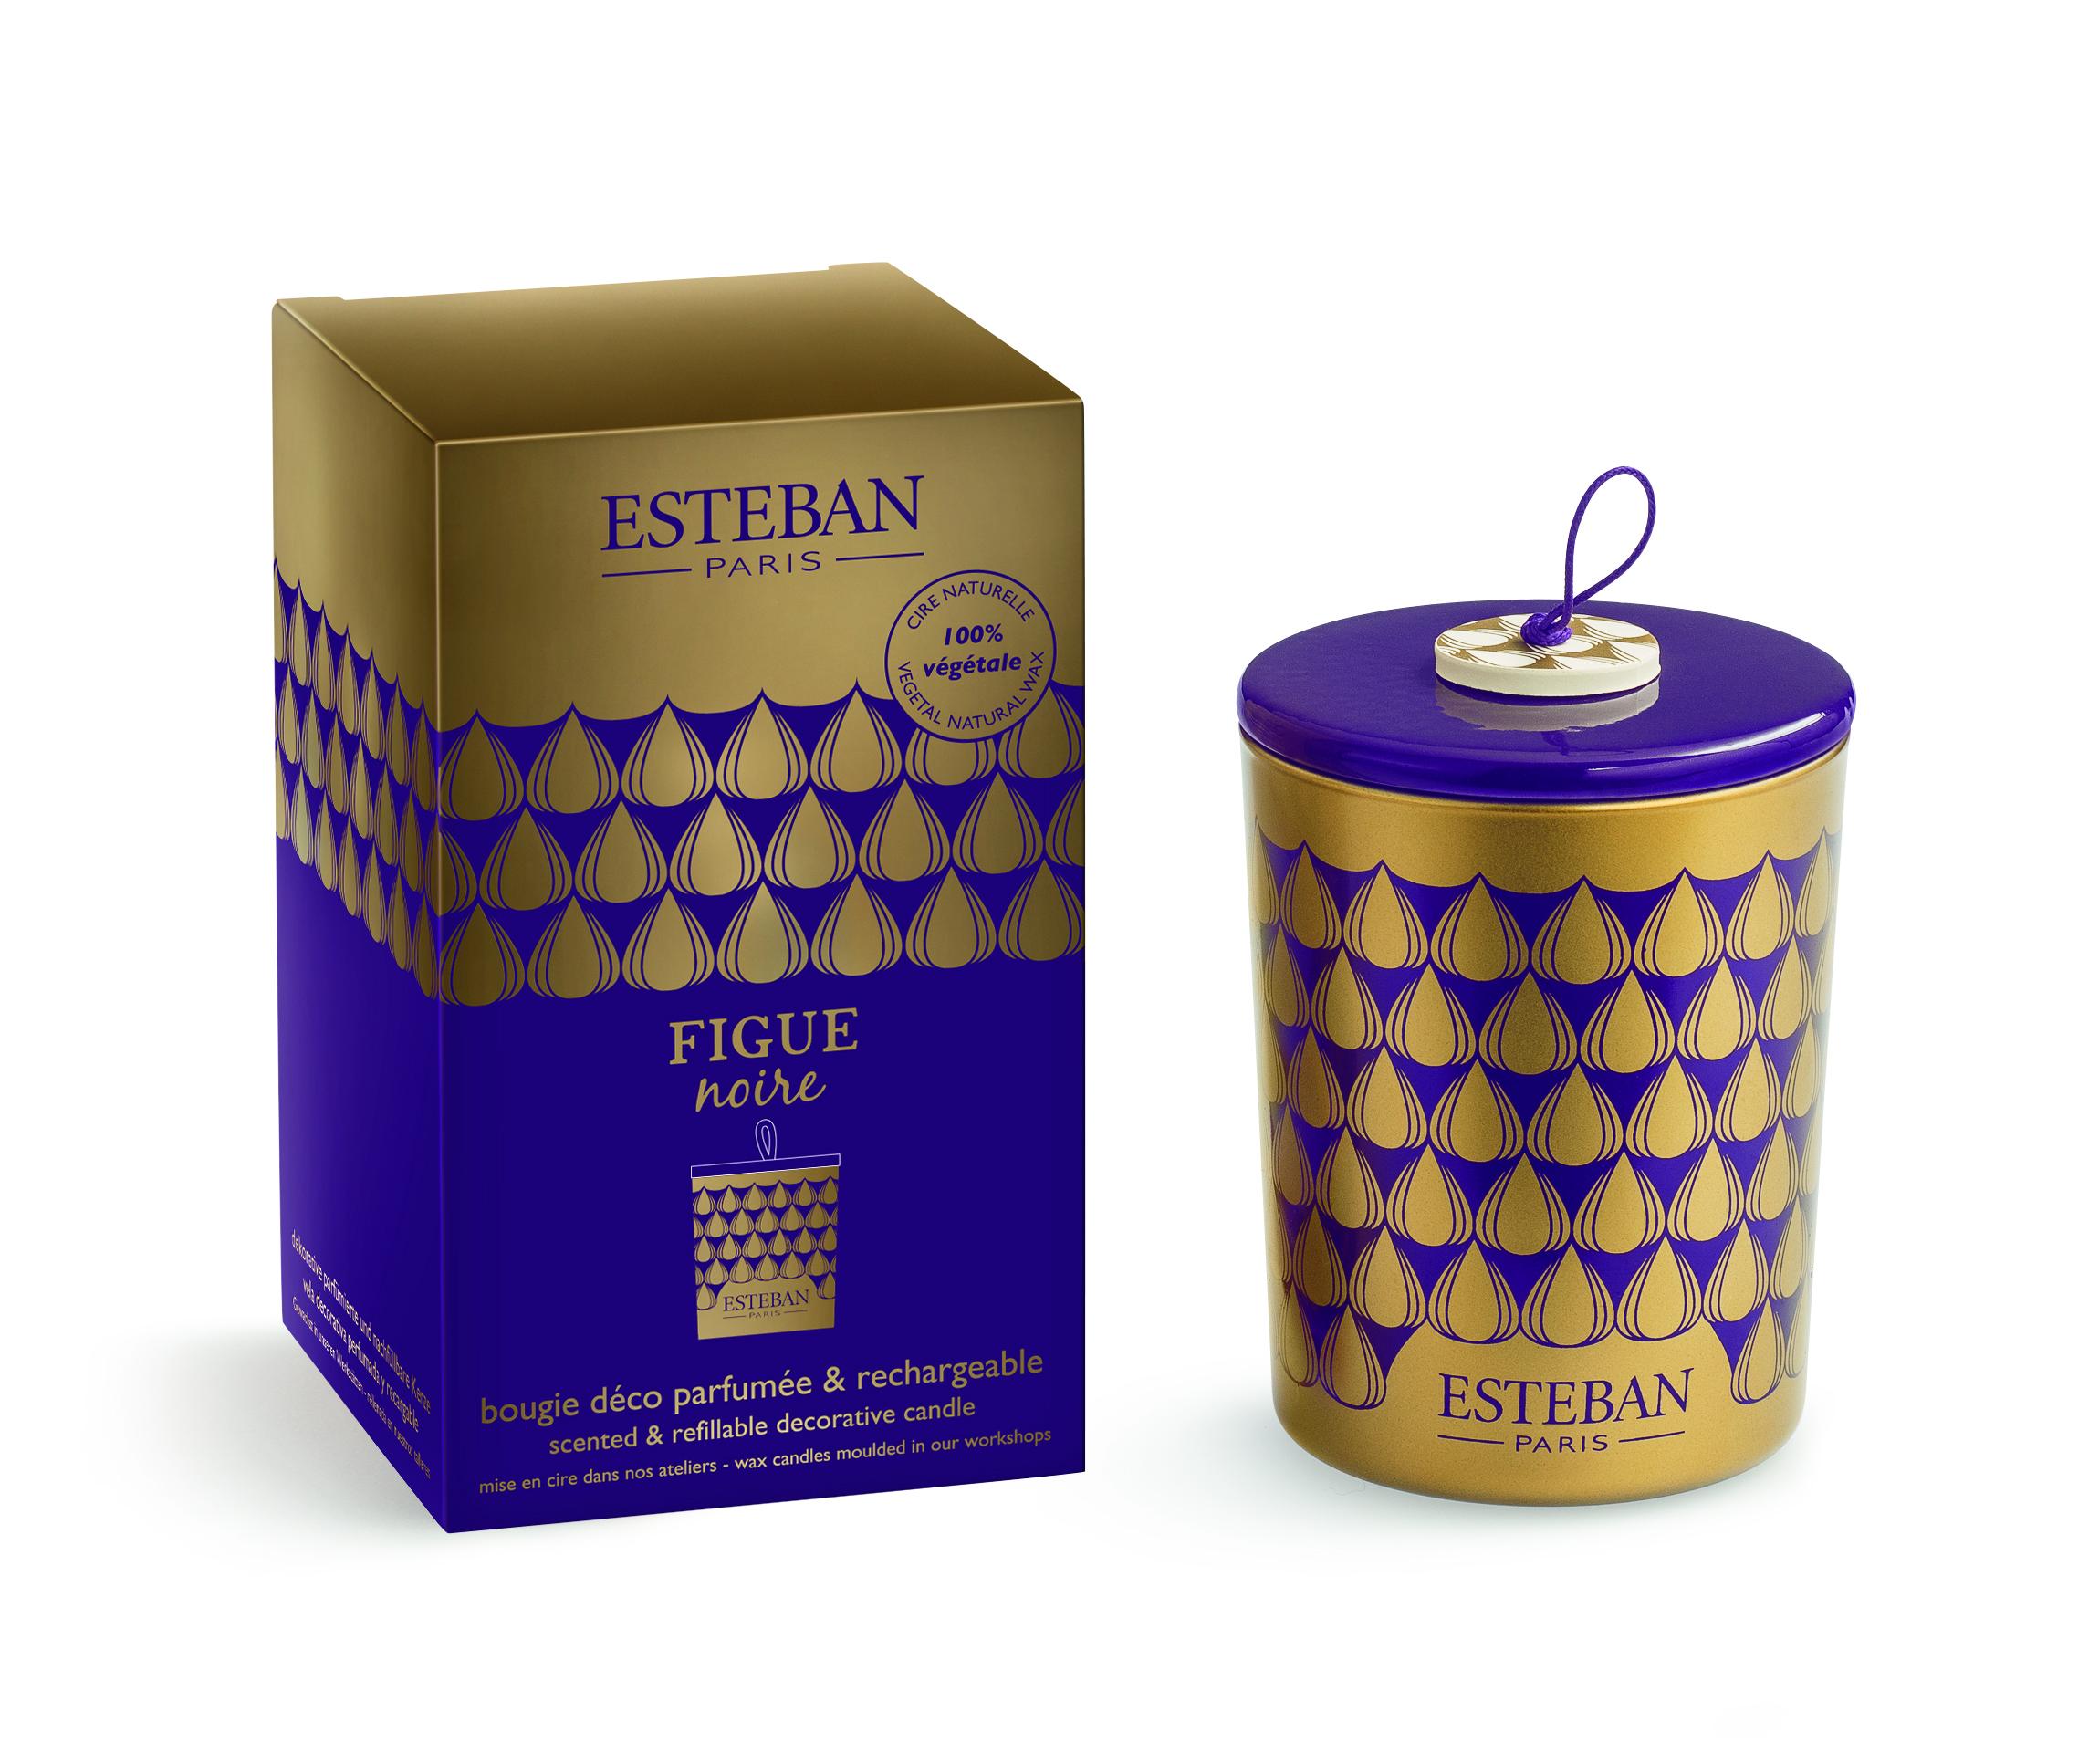 Bougie Decorative Et Rechargeable Parfumee Figue Noire Esteban